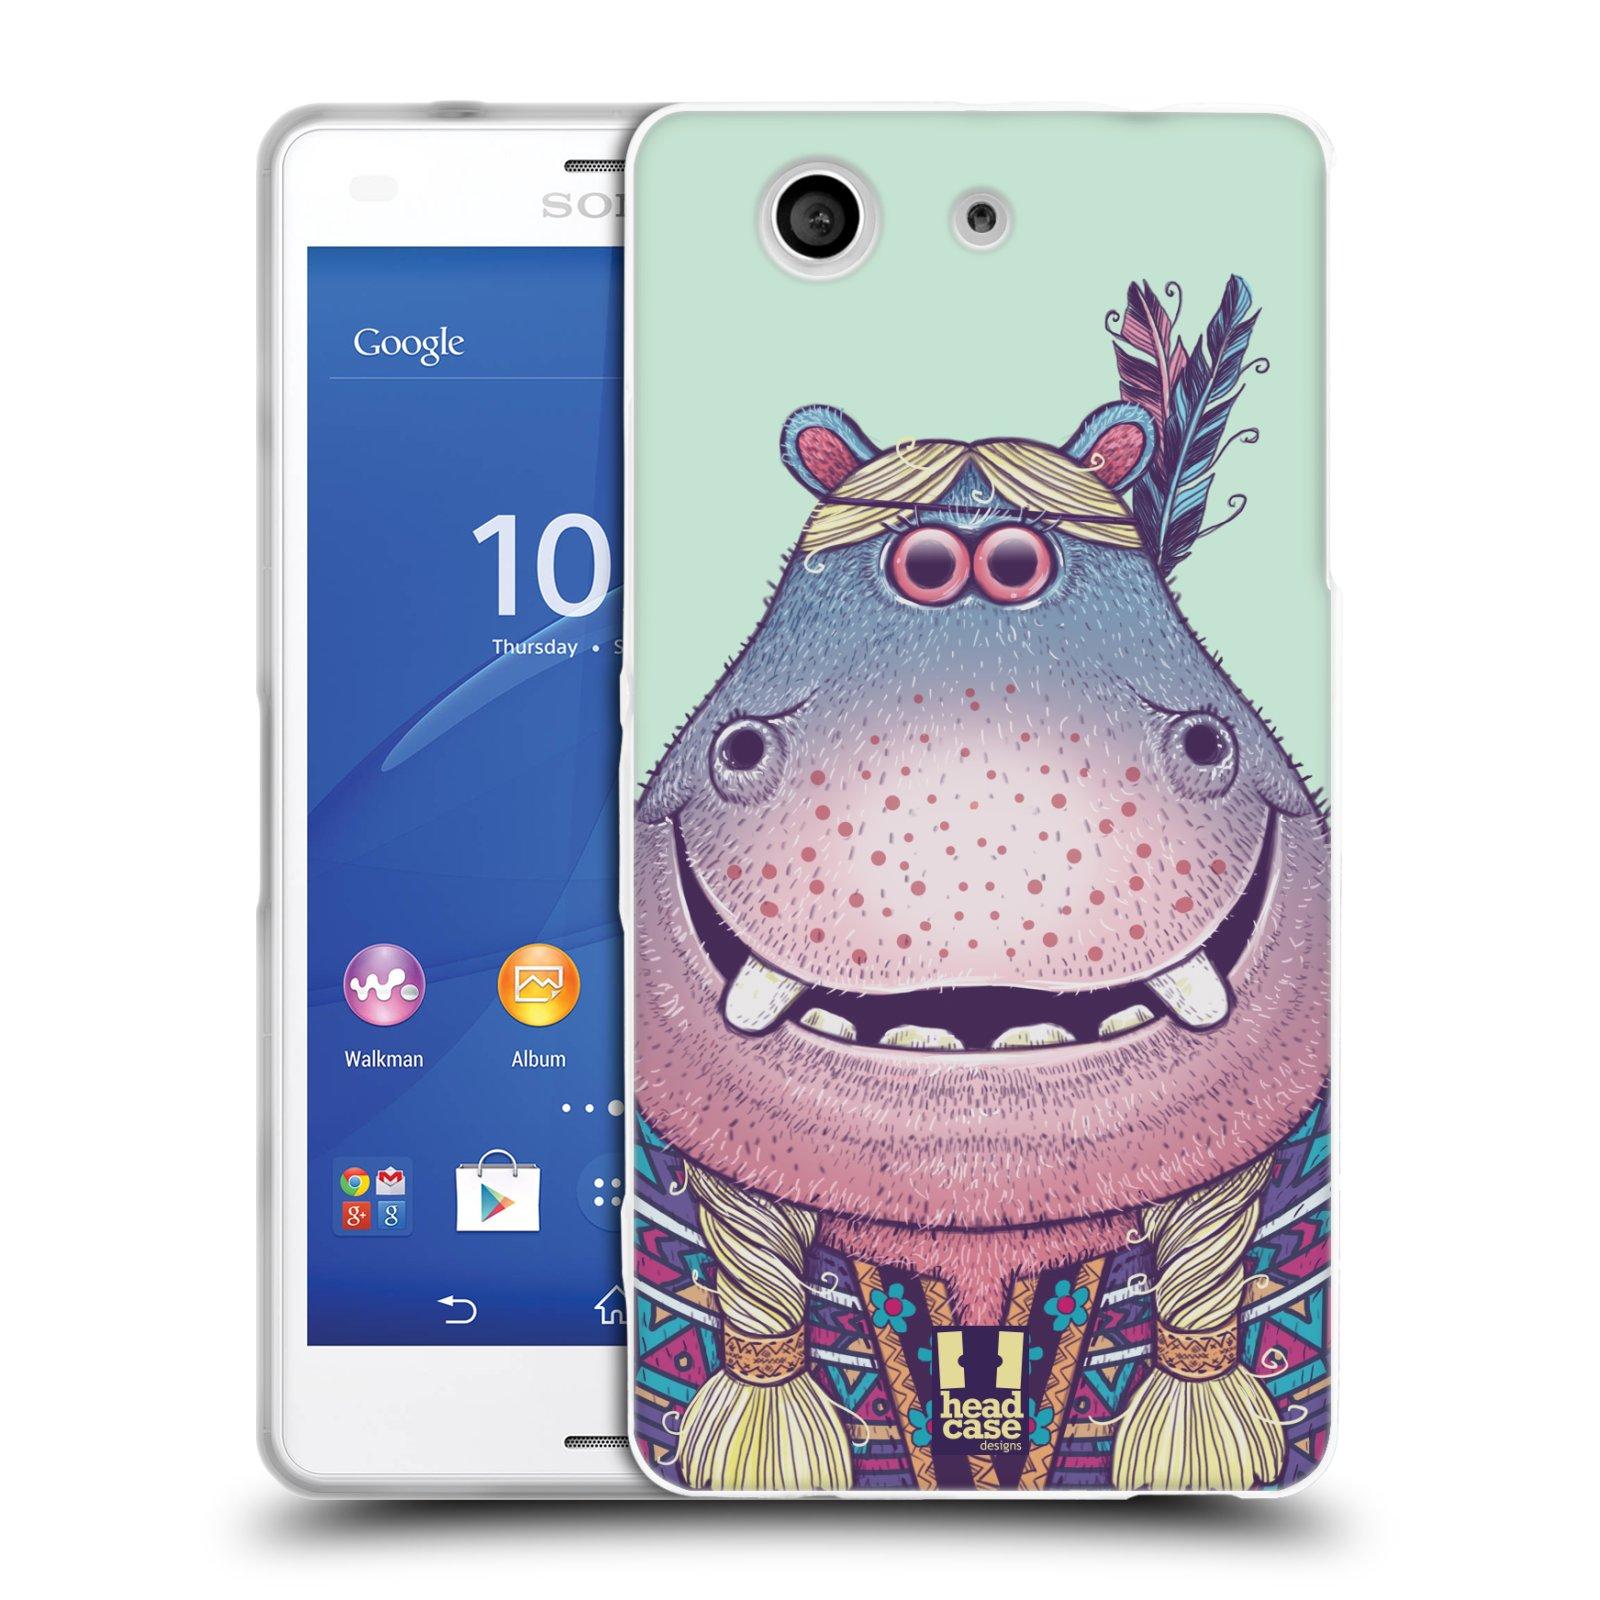 HEAD CASE silikonový obal na mobil Sony Xperia Z3 COMPACT (D5803) vzor Kreslená zvířátka hroch